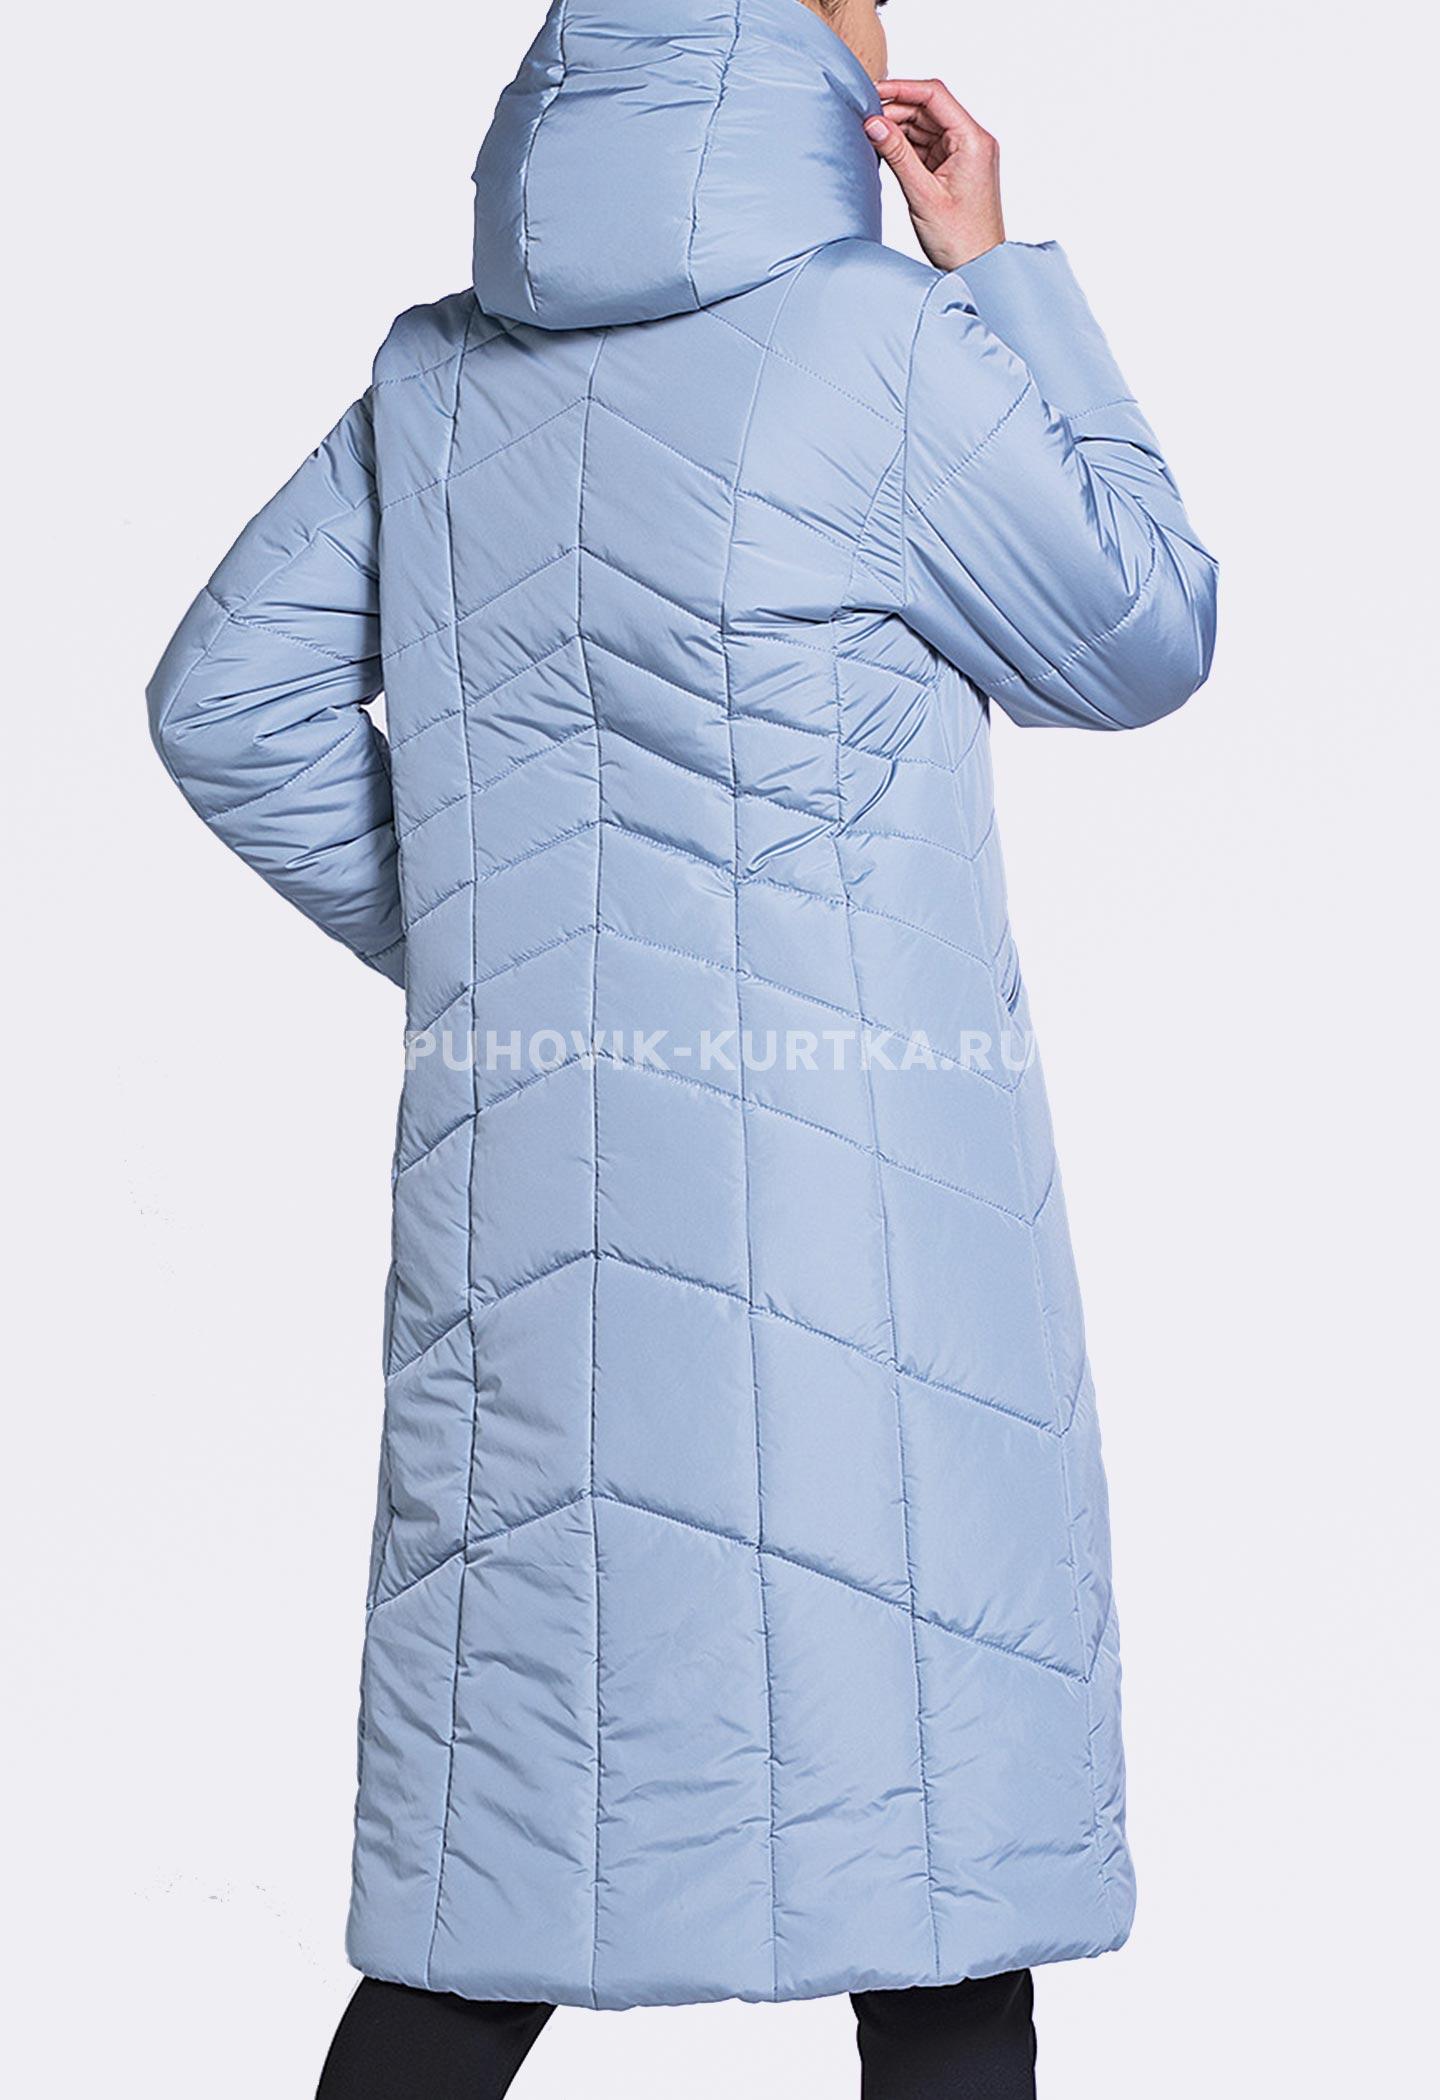 Пальто финское Dixi Coat 6018-121 (22)